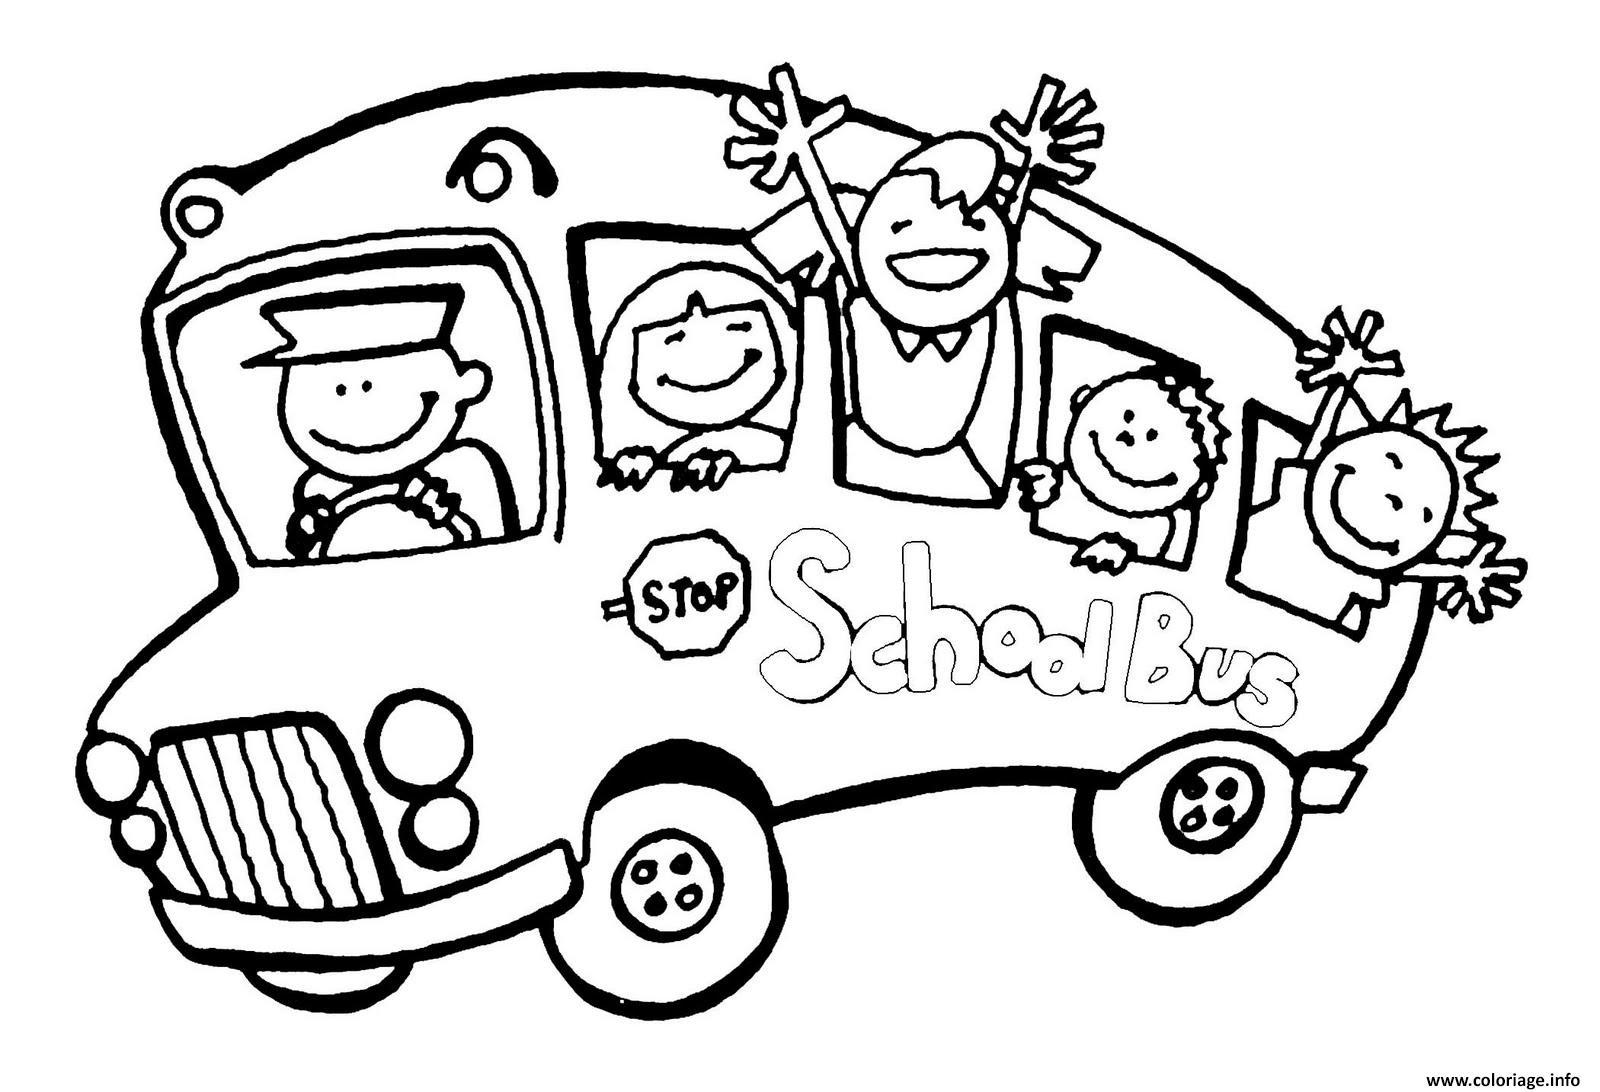 Coloriage bus scolaire ecole - Autobus scolaire dessin ...